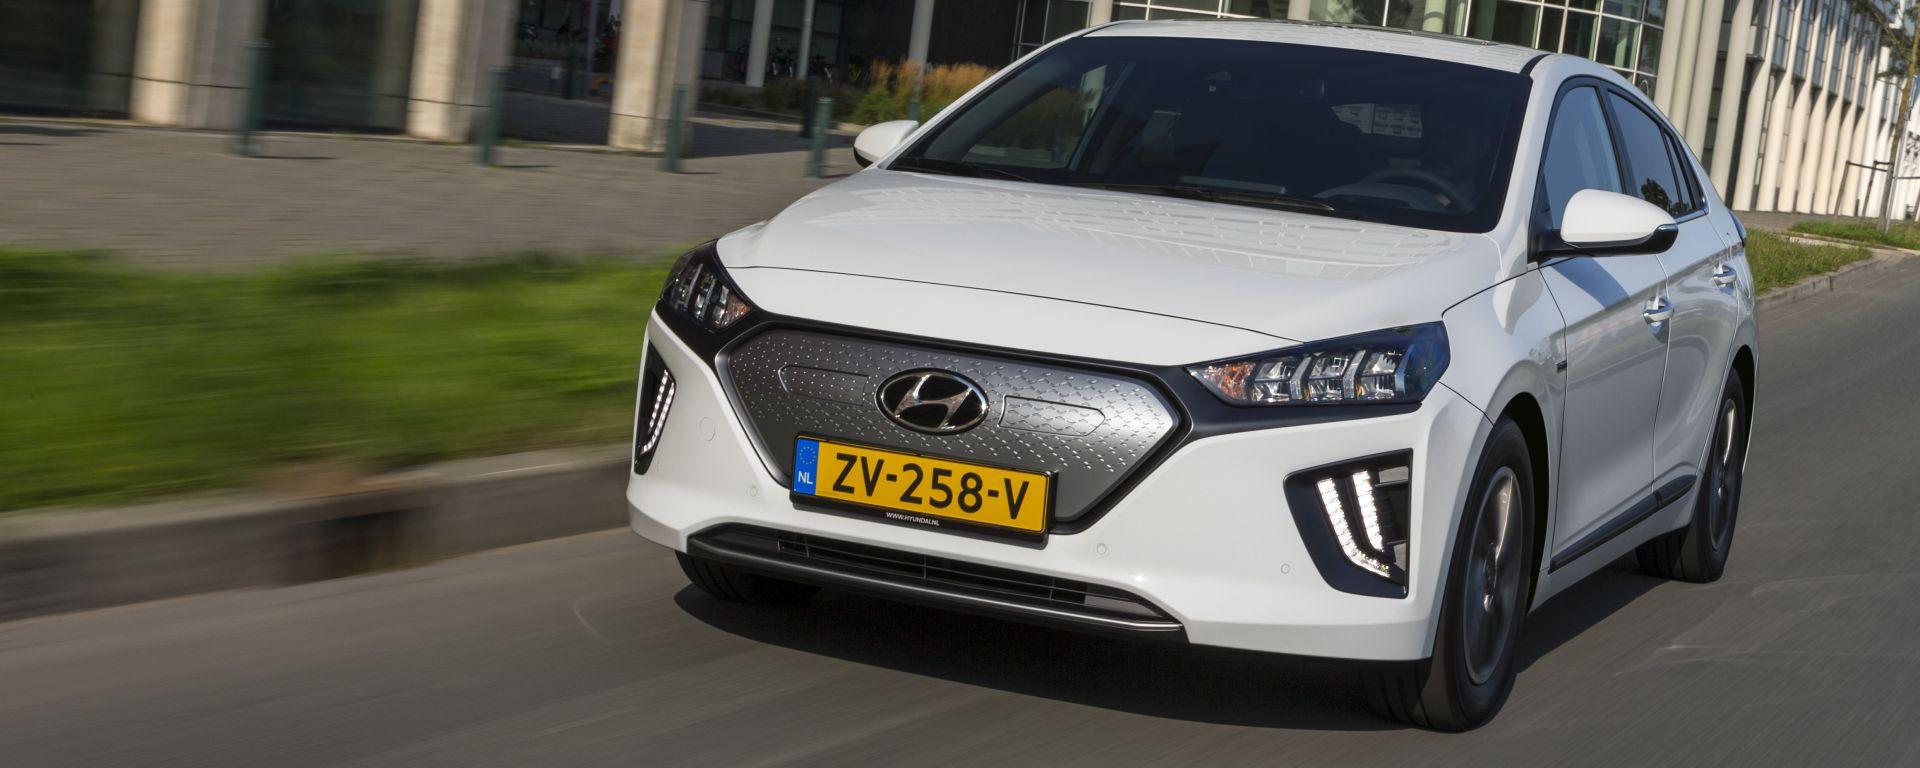 Video: Hyundai Ioniq Electric 2019, la prova del restyiling